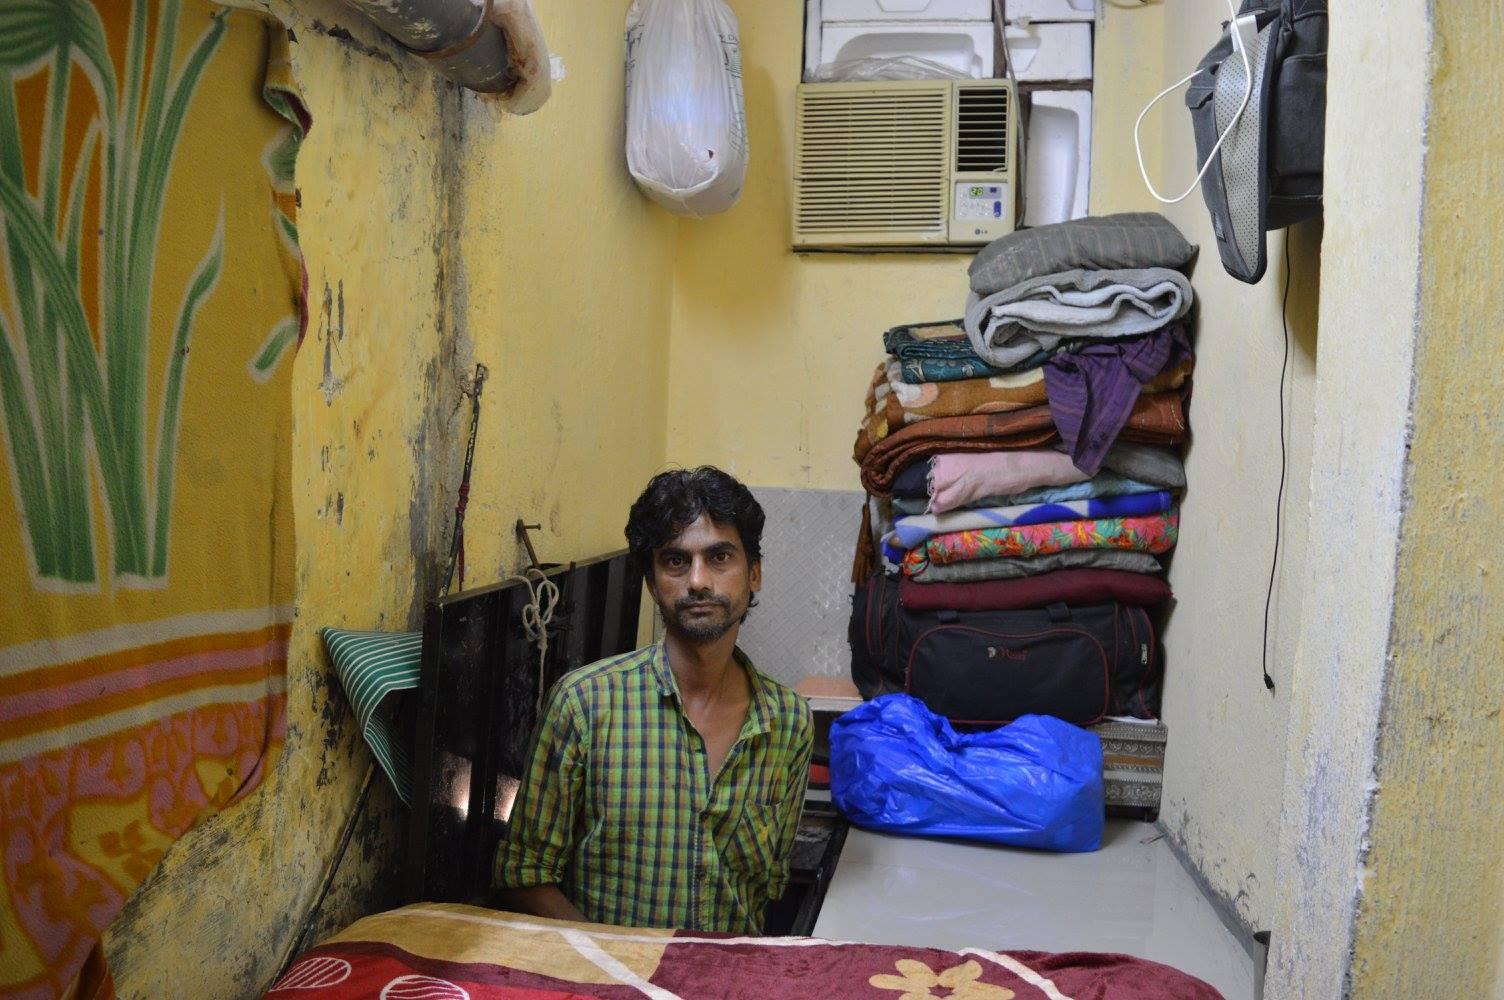 Slum hotel bedroom